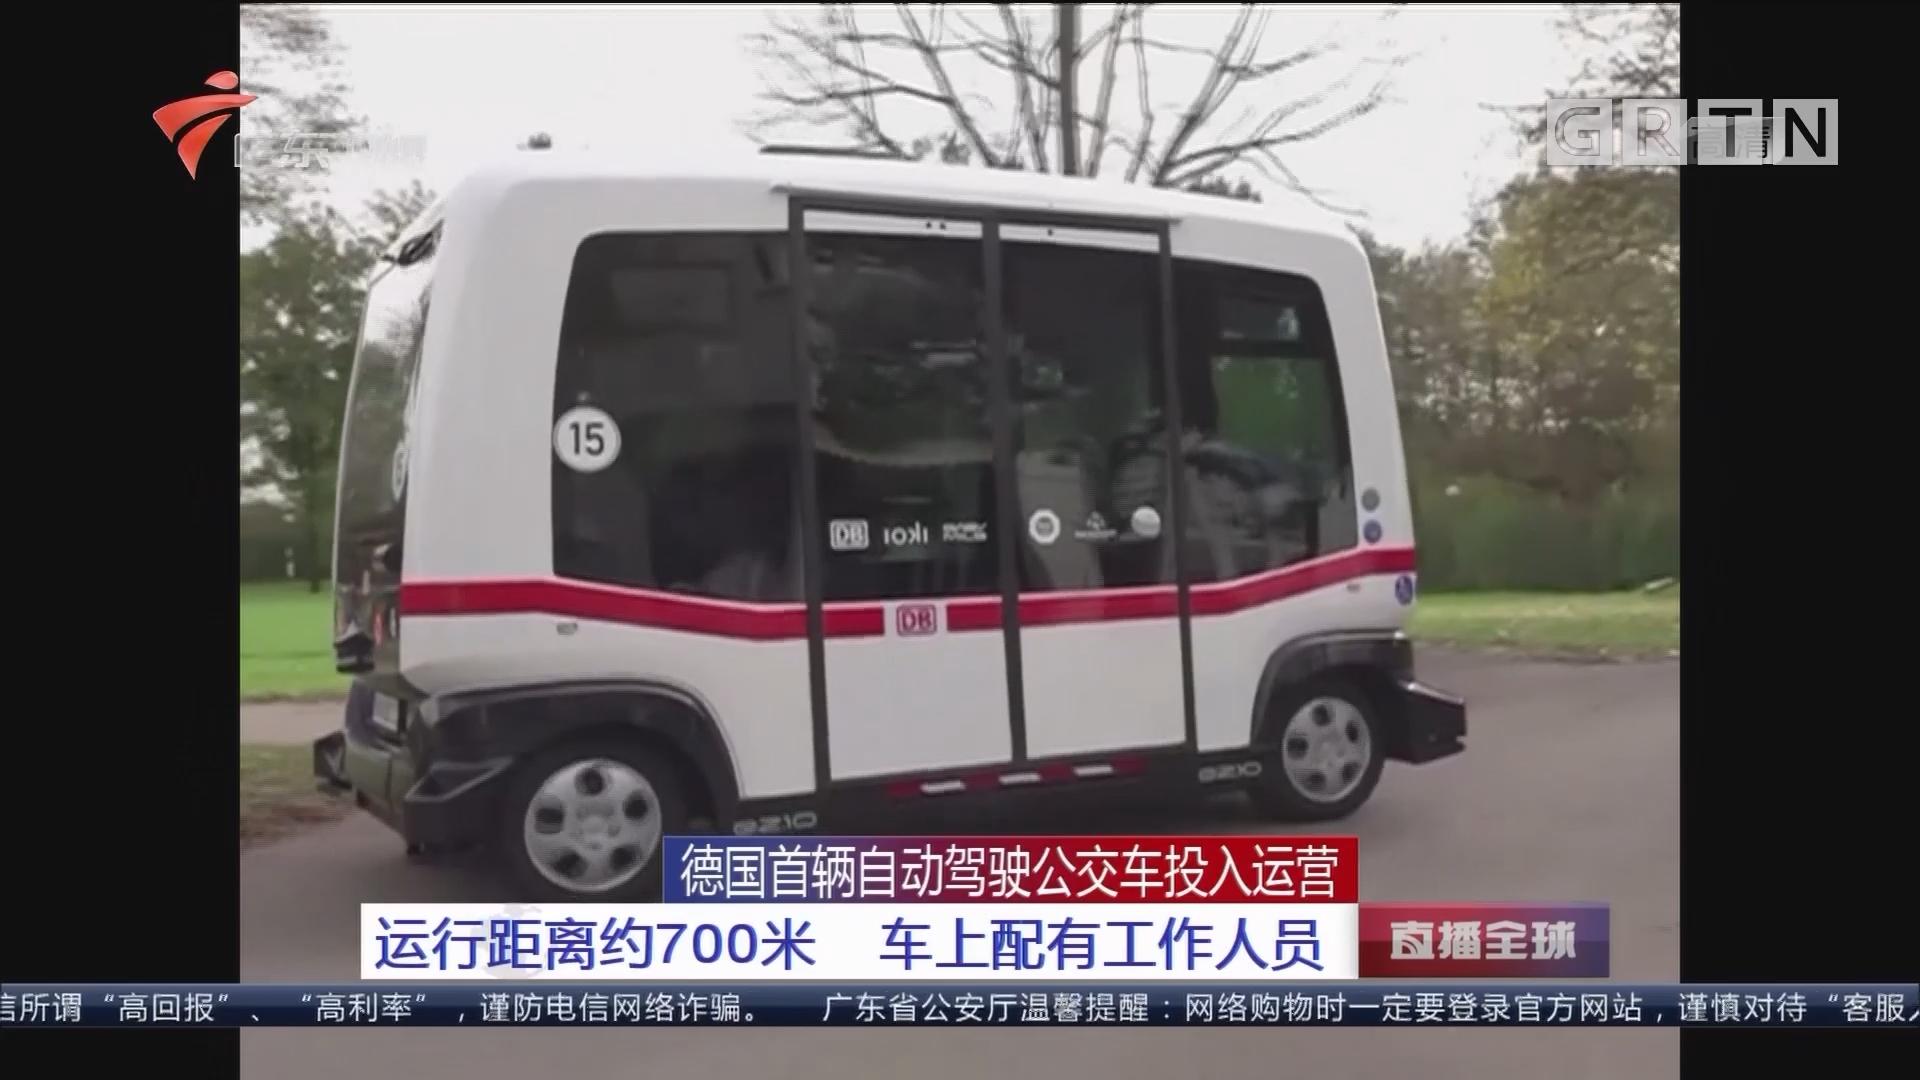 德国首辆自动驾驶公交车投入运营:运行距离约700米 车上配有工作人员